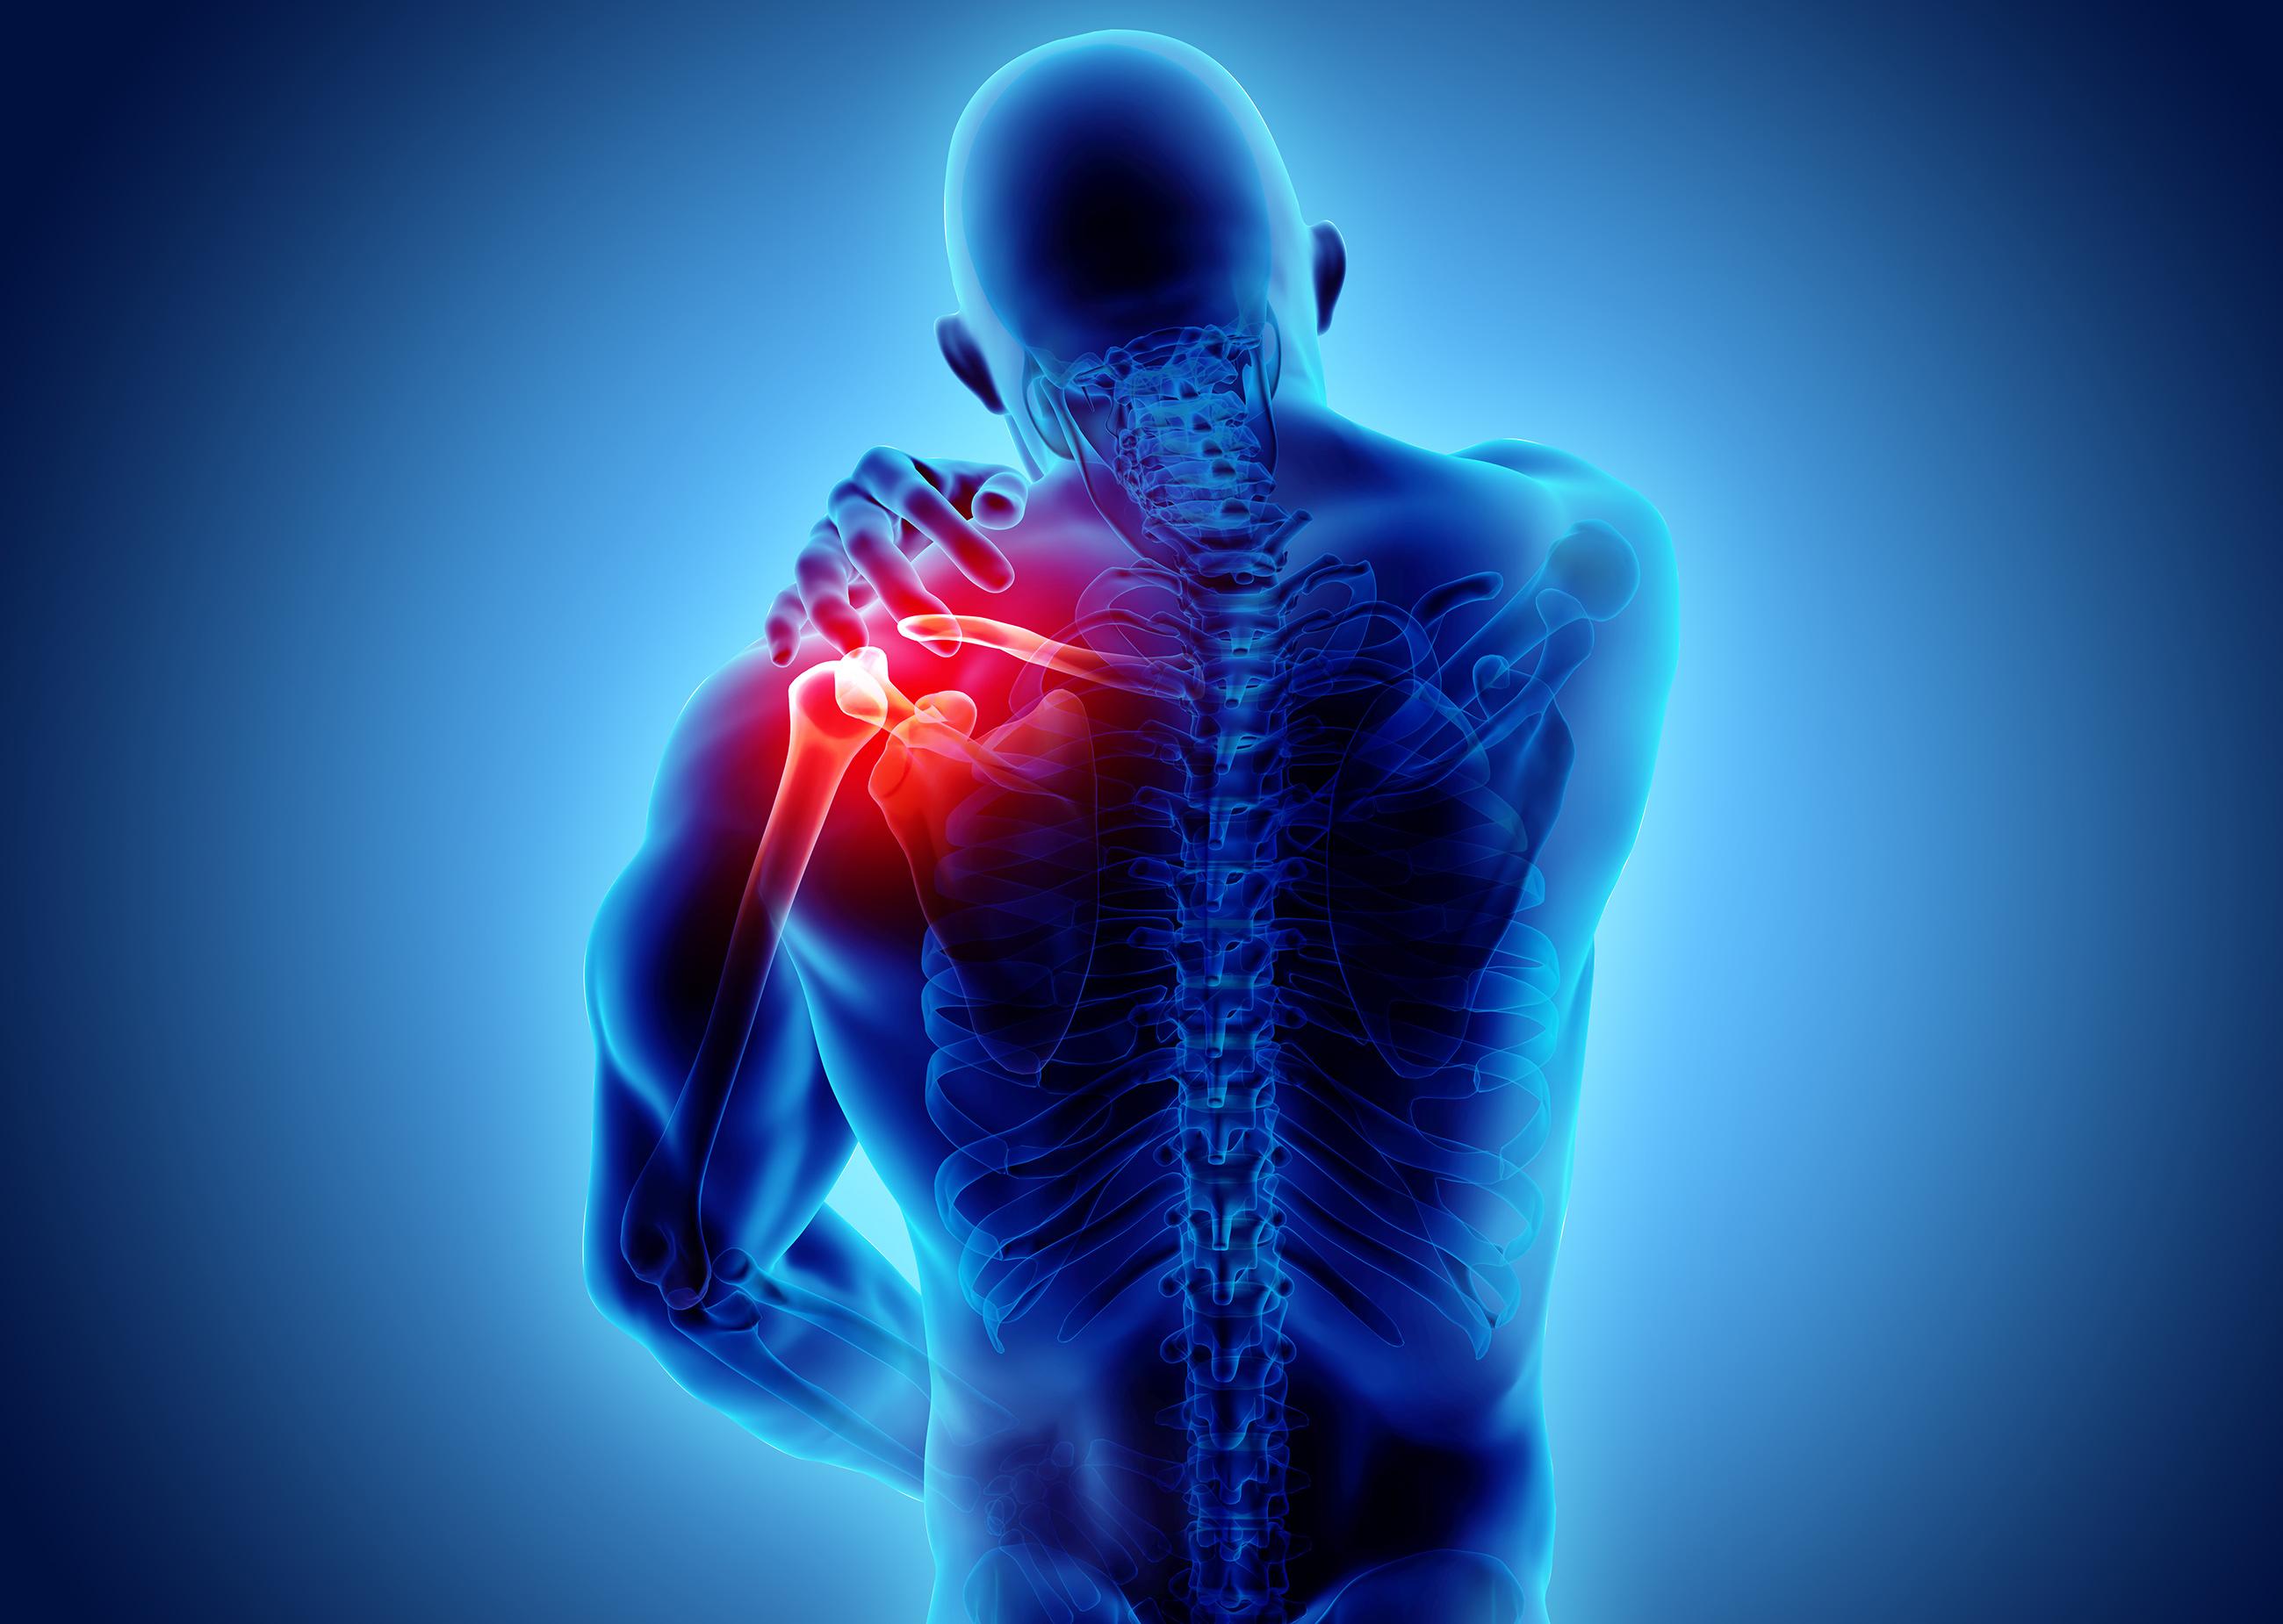 Imagen gráfica de un hombre en la que se muestran la parte superior del cuerpo y la cabeza desde atrás. Se ven con claridad los músculos de la zona del hombro, en color rojo. El hombre se toca el hombro con la mano izquierda.